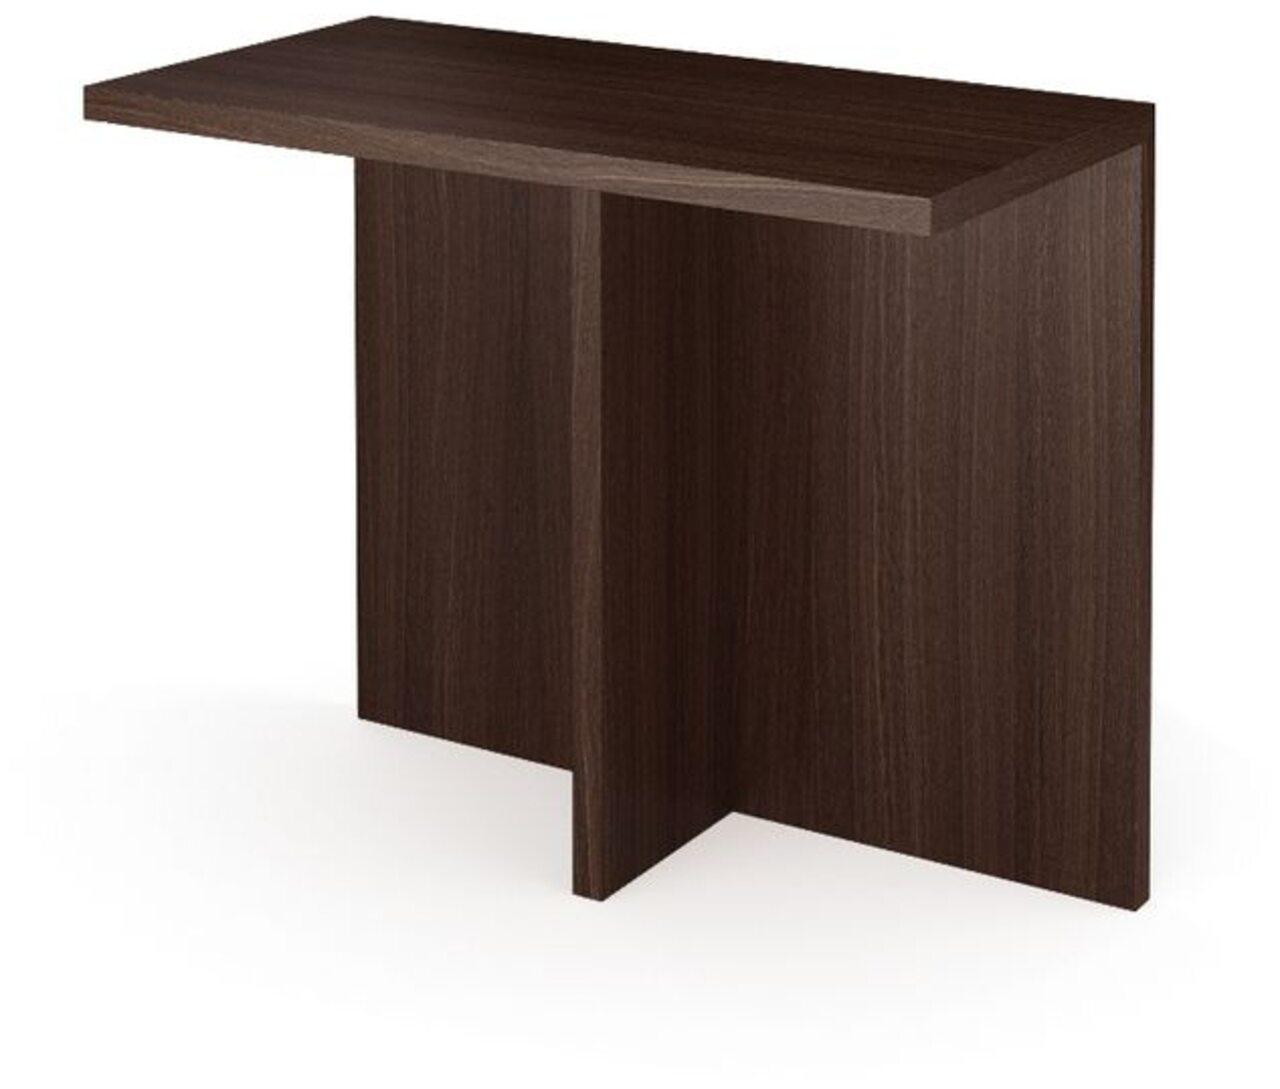 Окончание стола заседаний Акцент 135x90x75 - фото 7